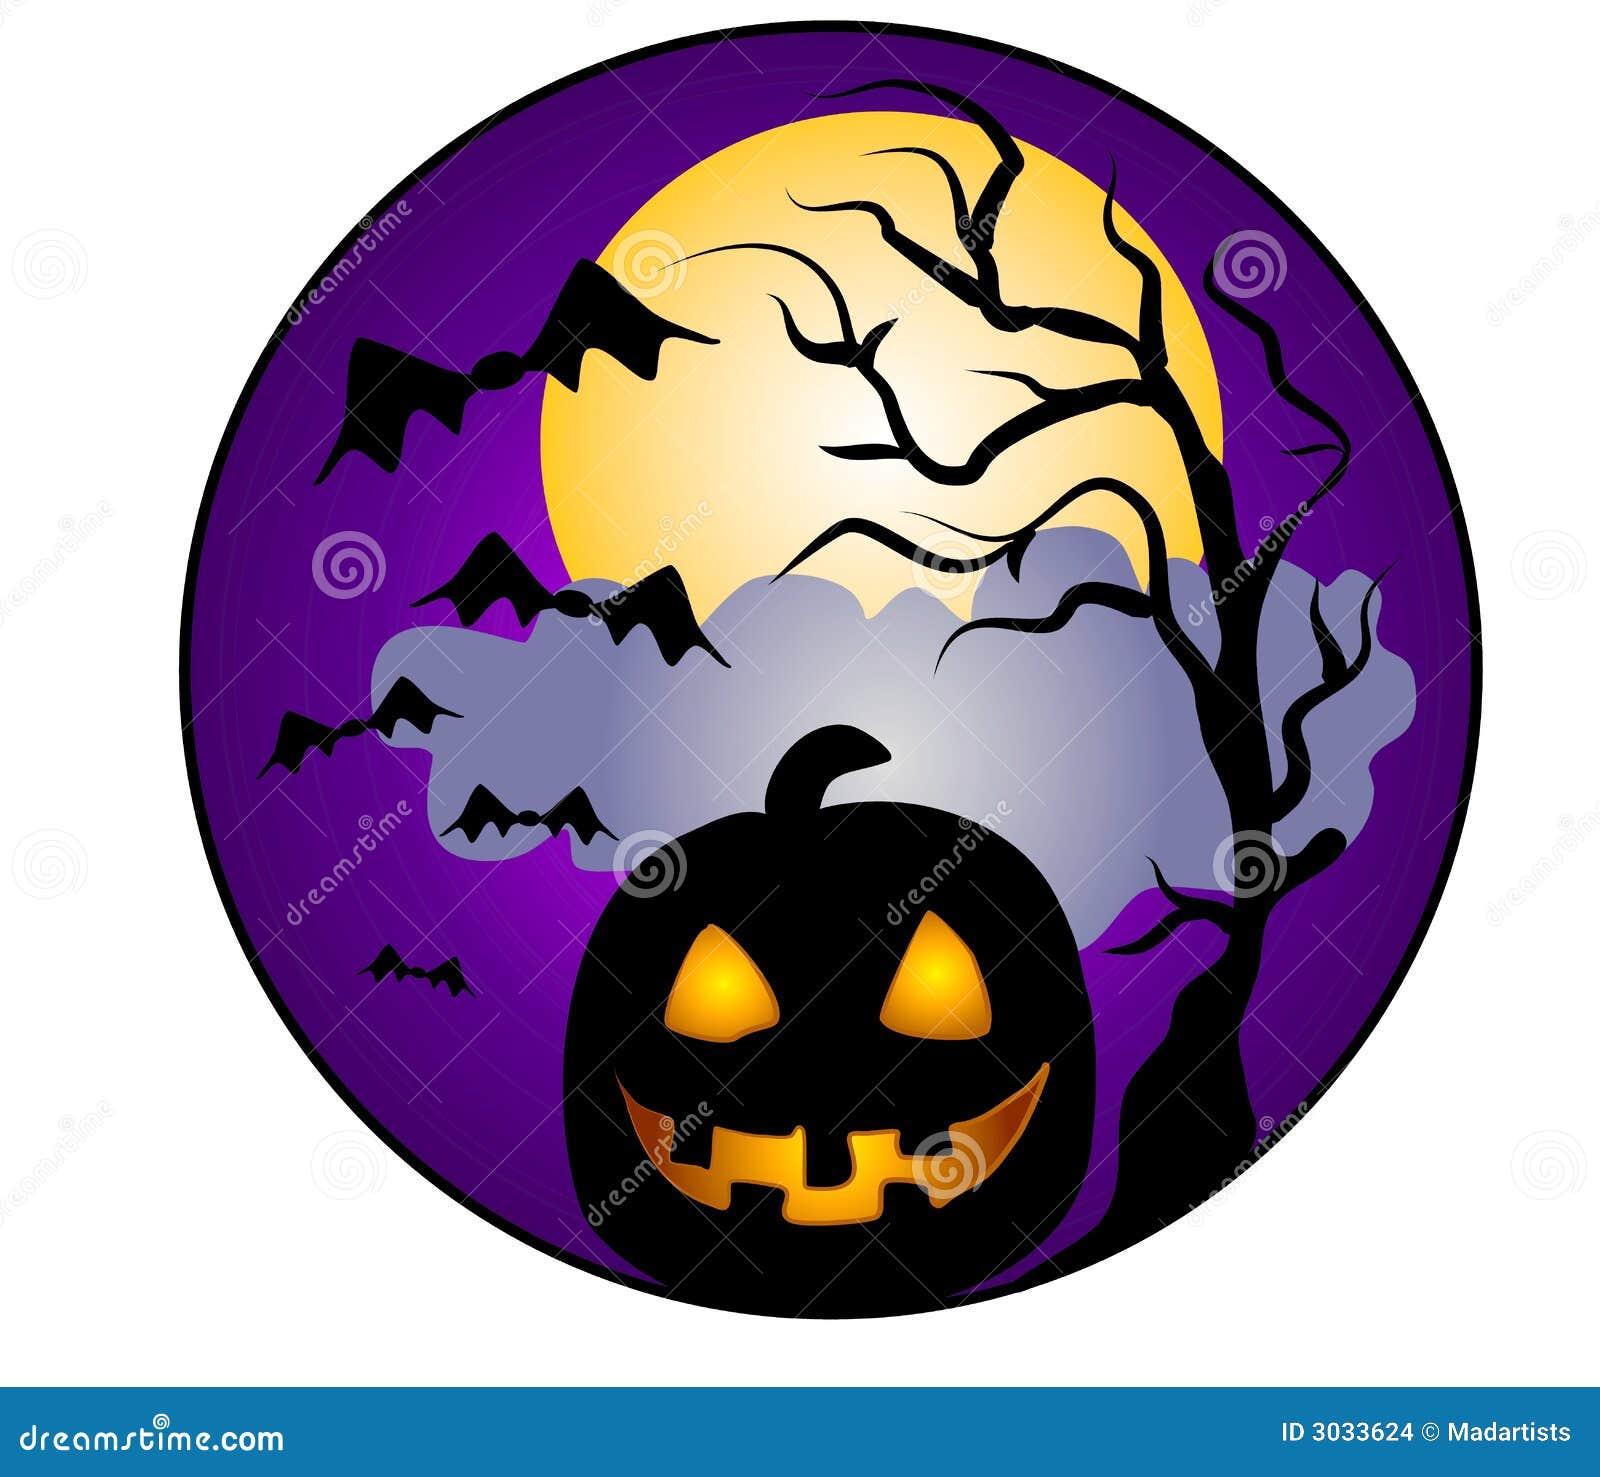 halloween scene clipart - photo #37